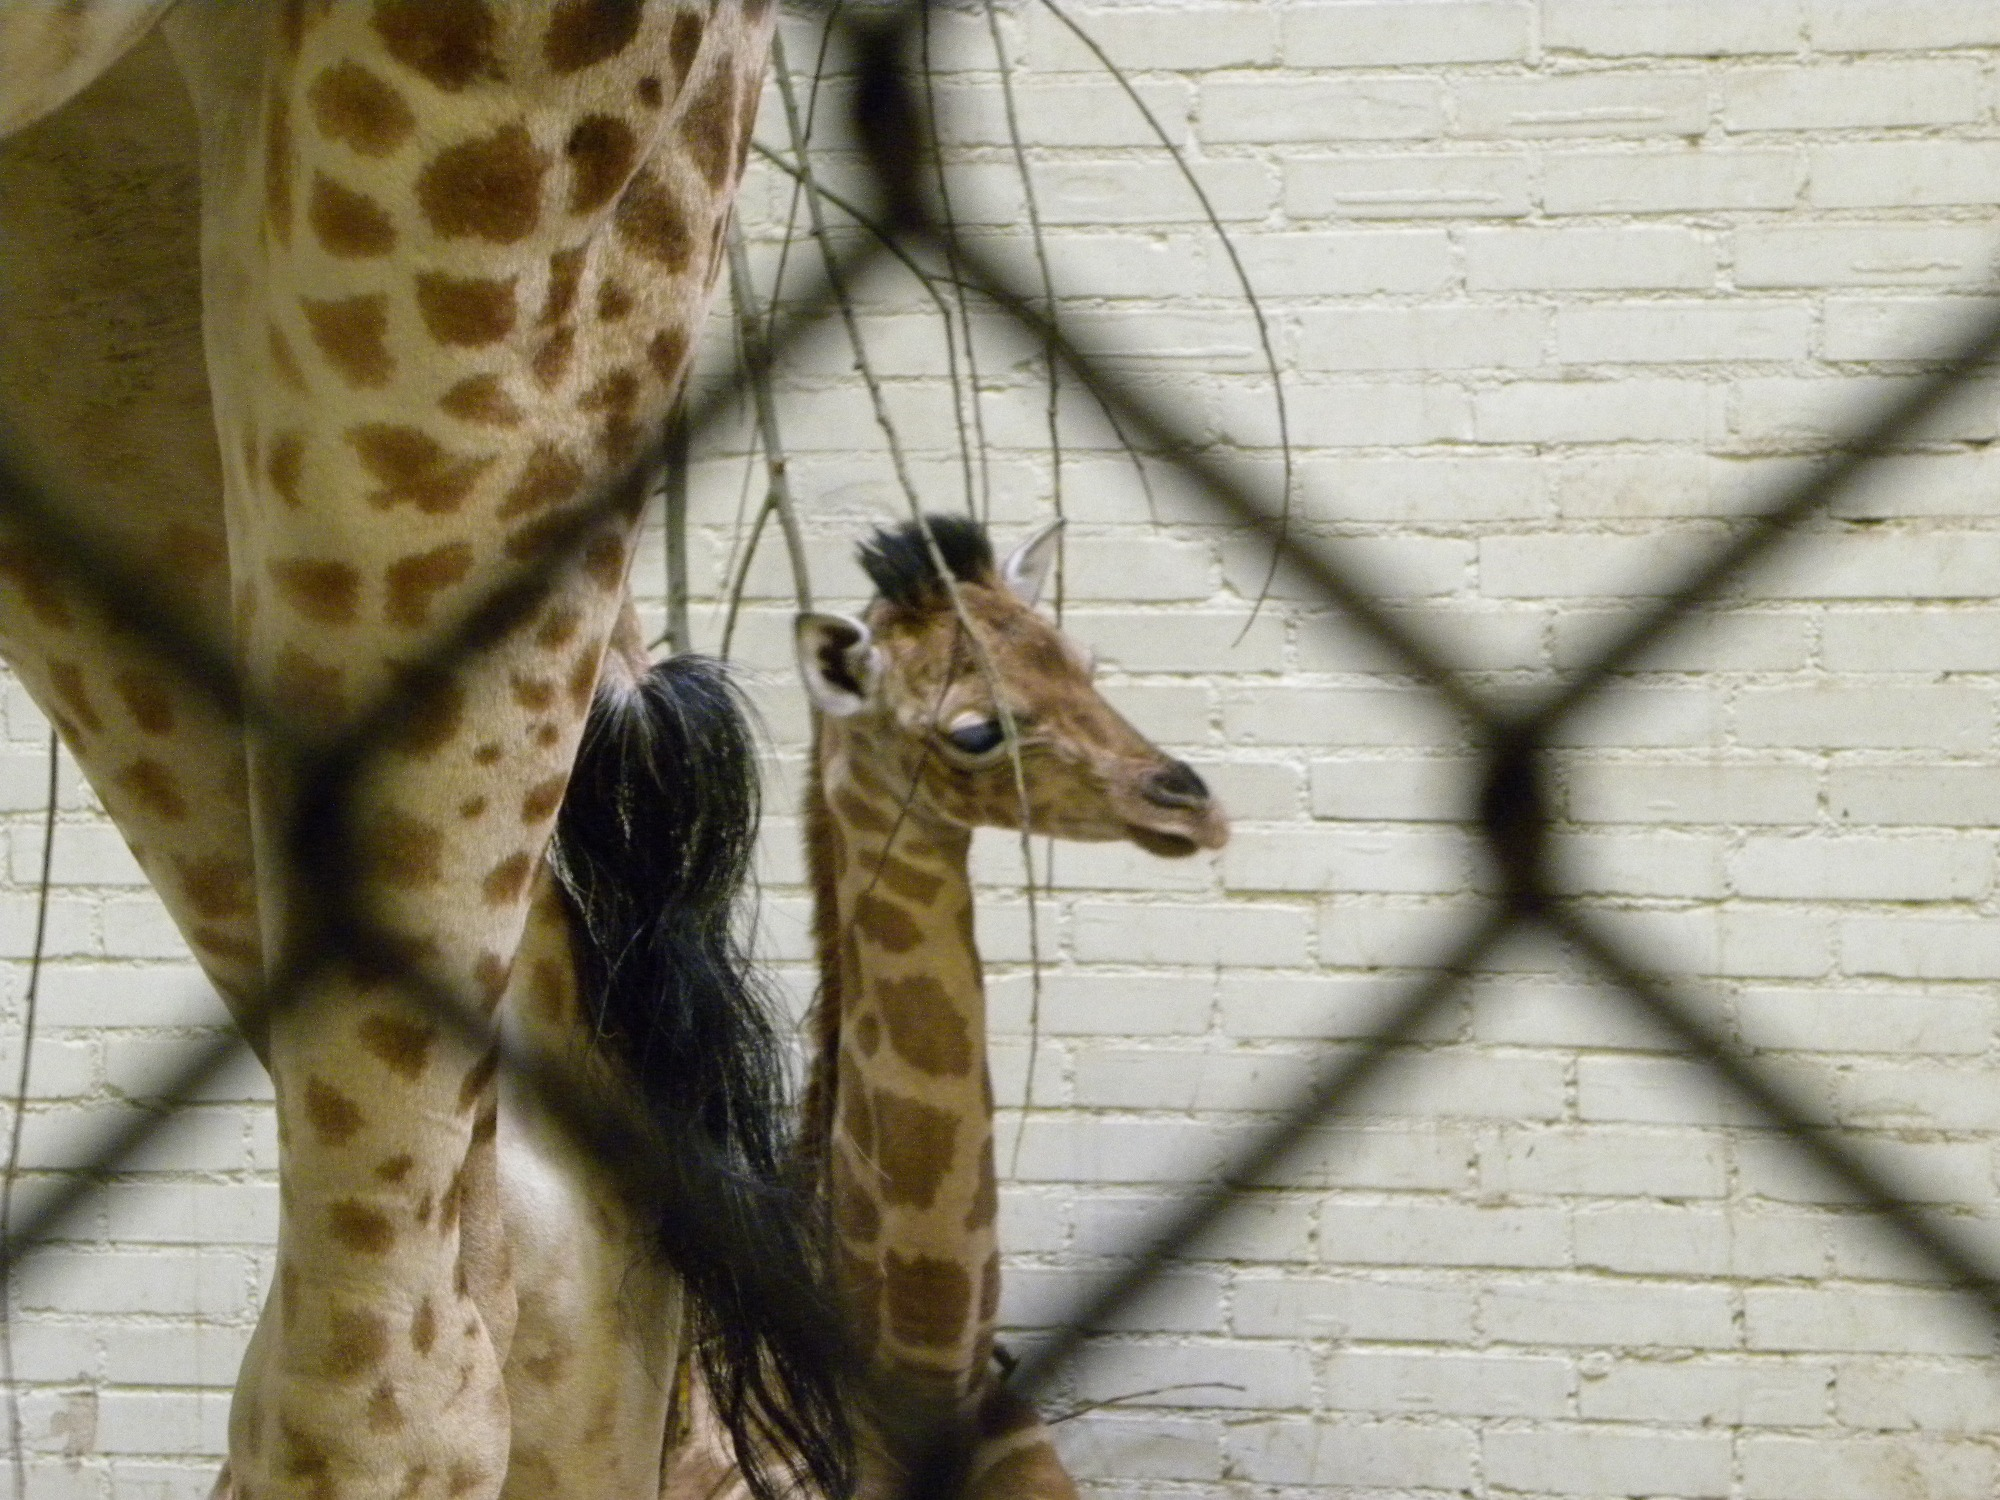 Jonge giraffe Alonge - grote slanke jongen - geboren op 10 februari 2010 en op de foto 17 dagen oud